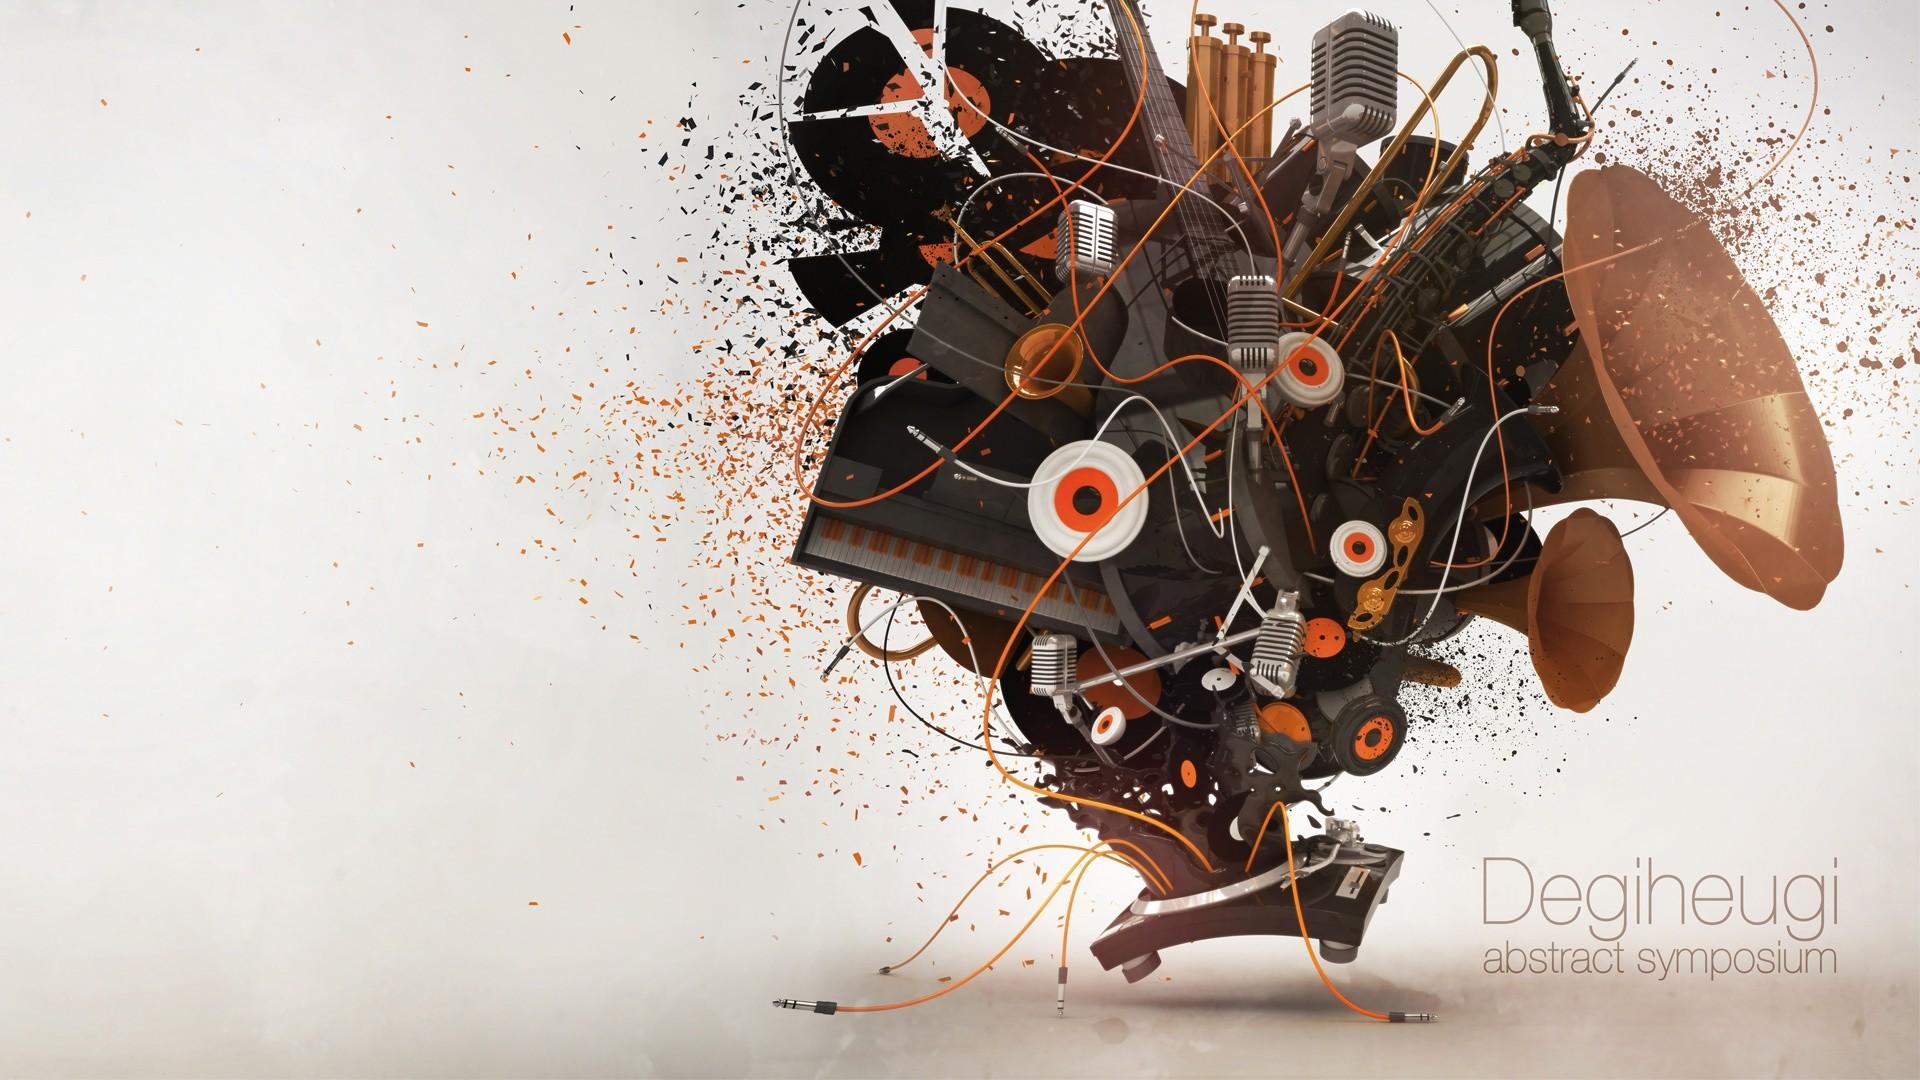 Sfondi musicali 71 immagini for Immagini desktop hd 3d